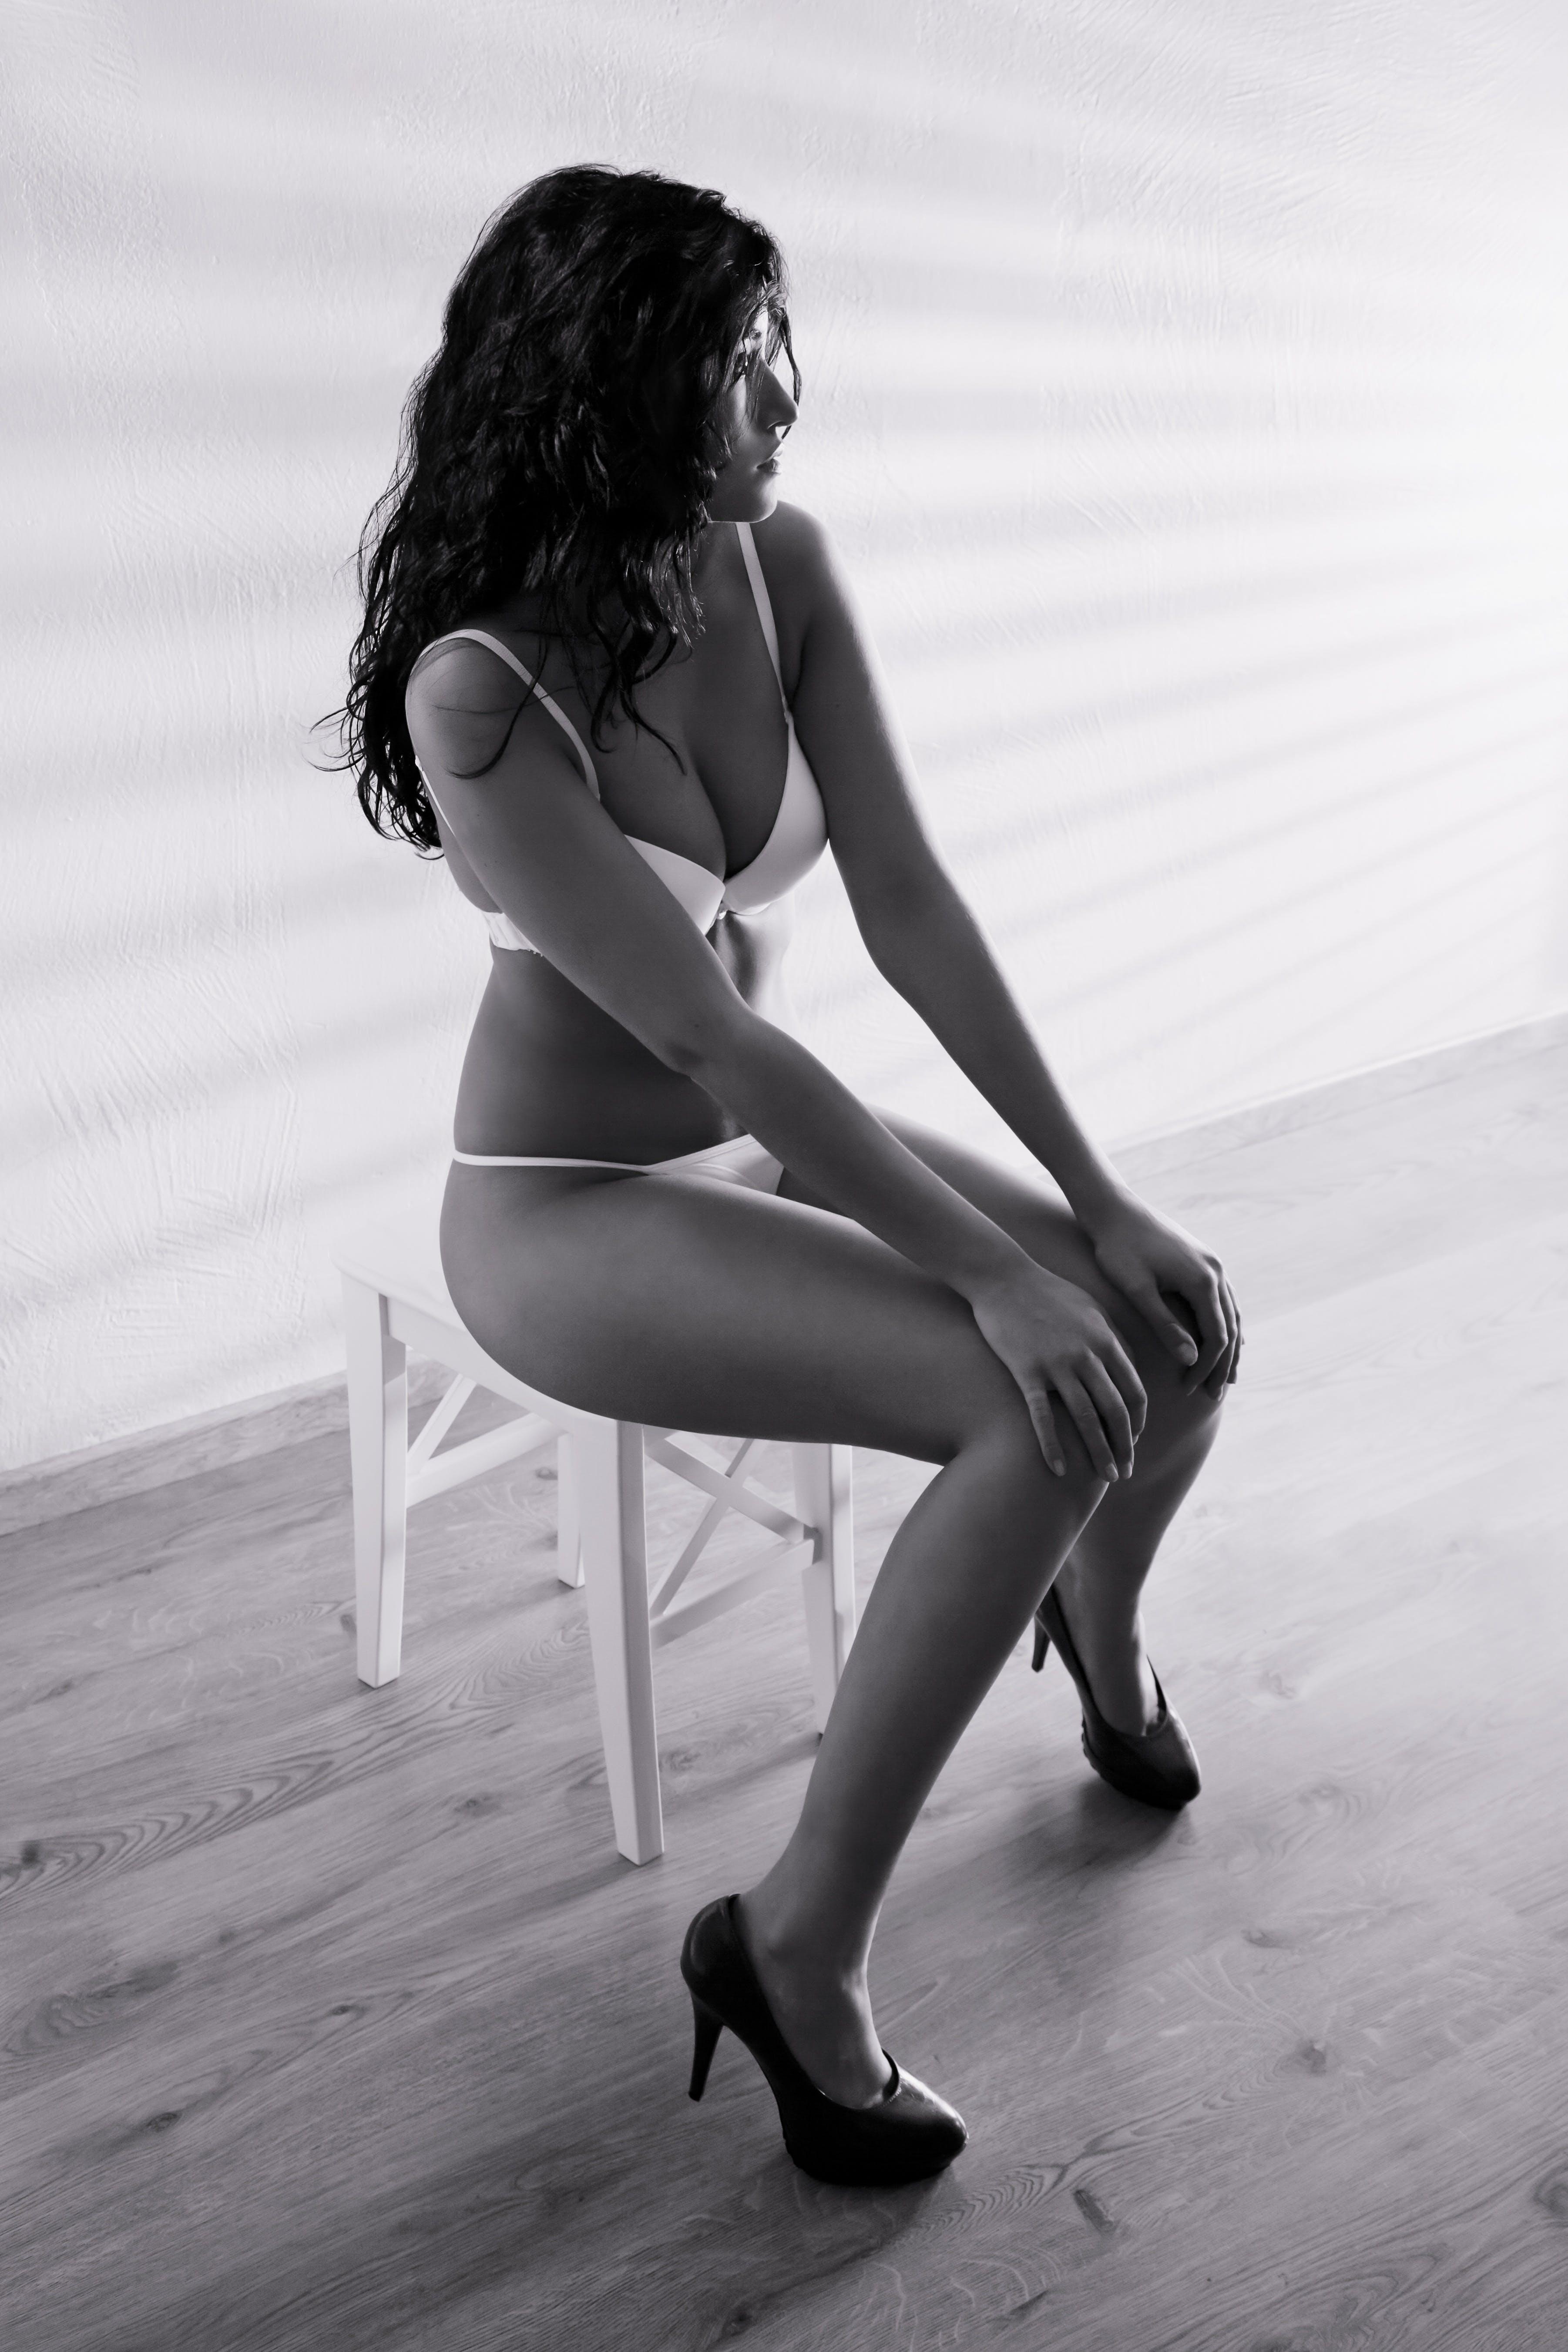 Gratis arkivbilde med bikini, bruke, erotisk, figur